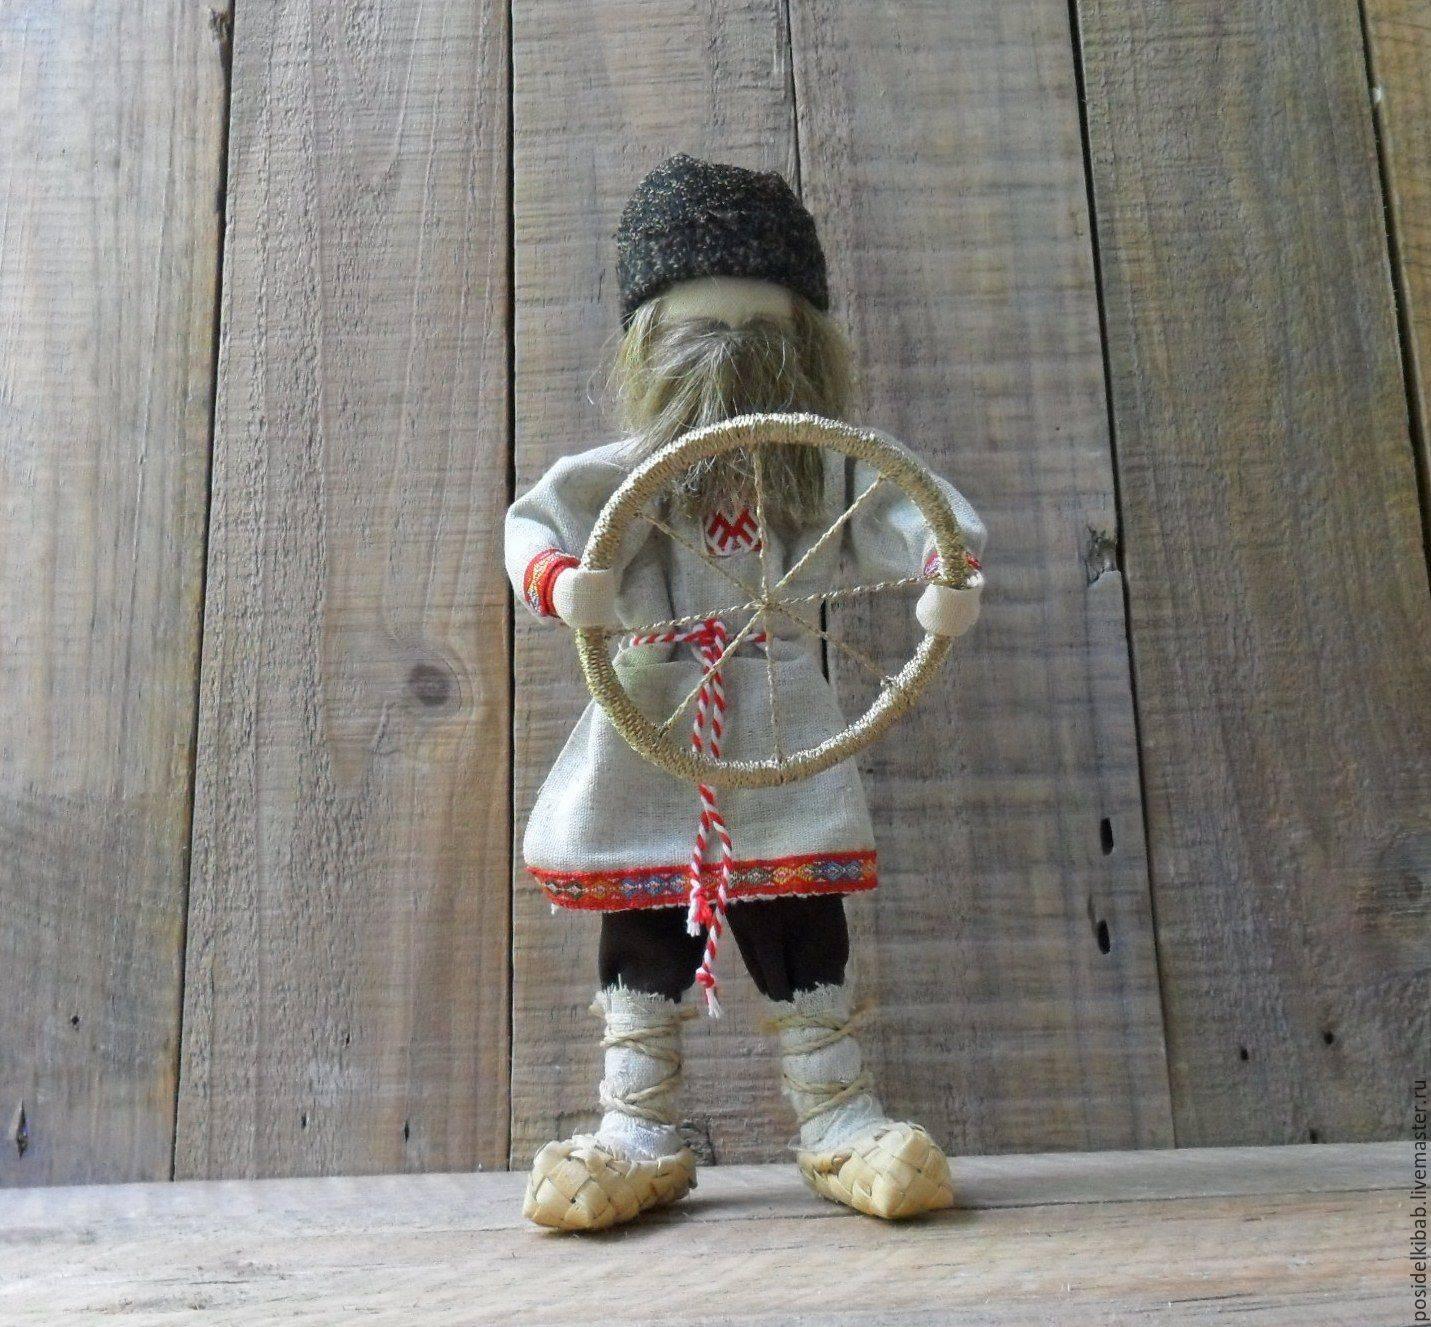 Куклы-обереги: какие бывают, каково их предназначение